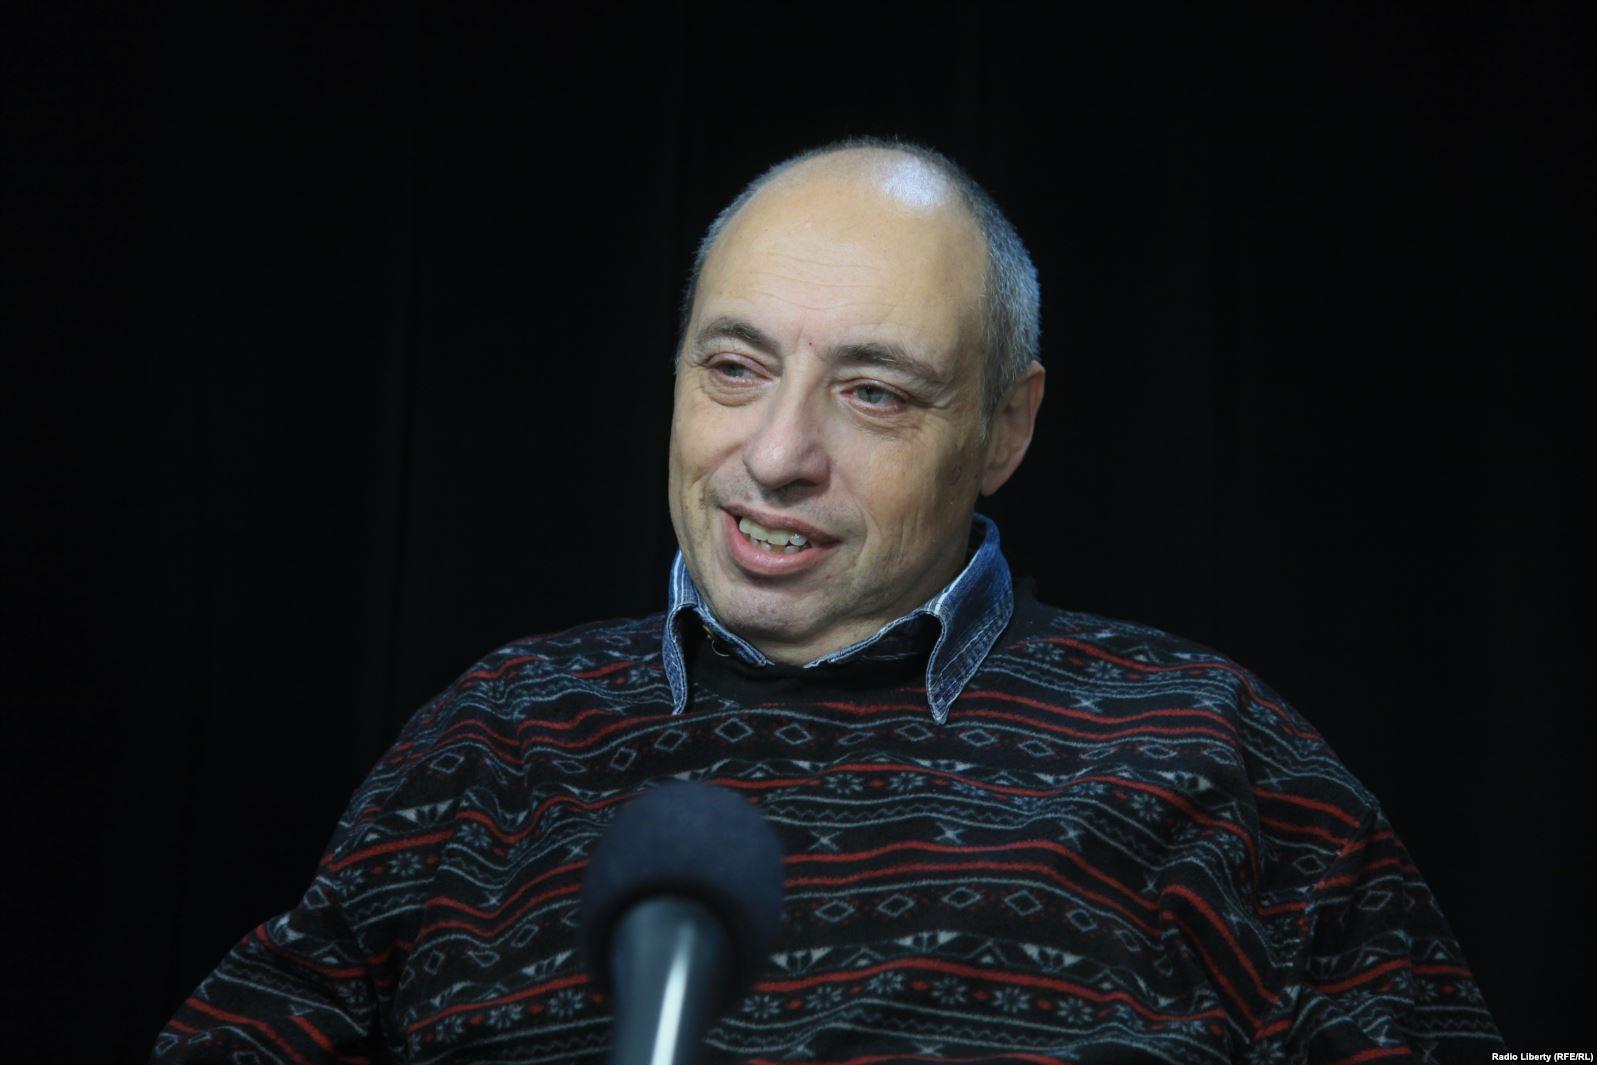 Російський правозахисник і публіцист дав прогнози щодо найближчого майбутнього РФ